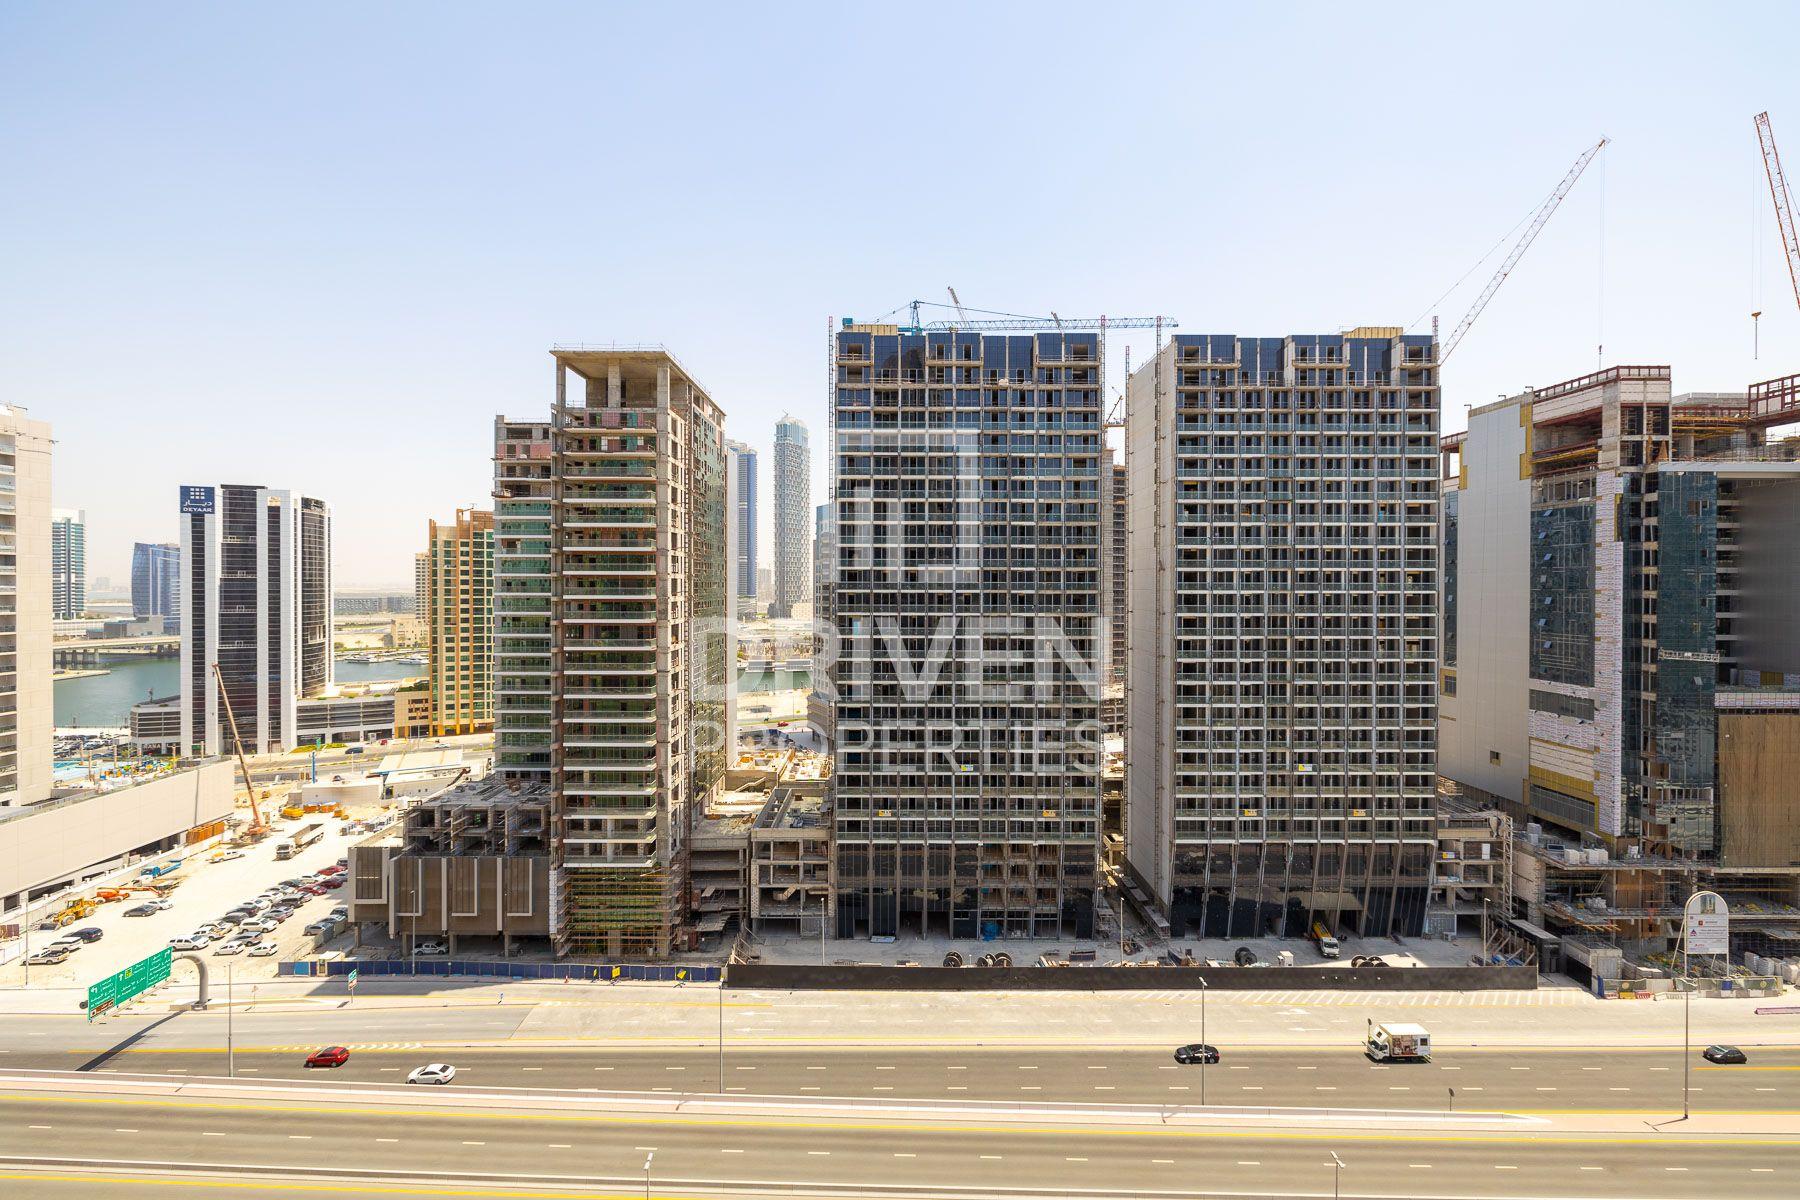 للبيع - شقة - A برج فيوز - دبي وسط المدينة